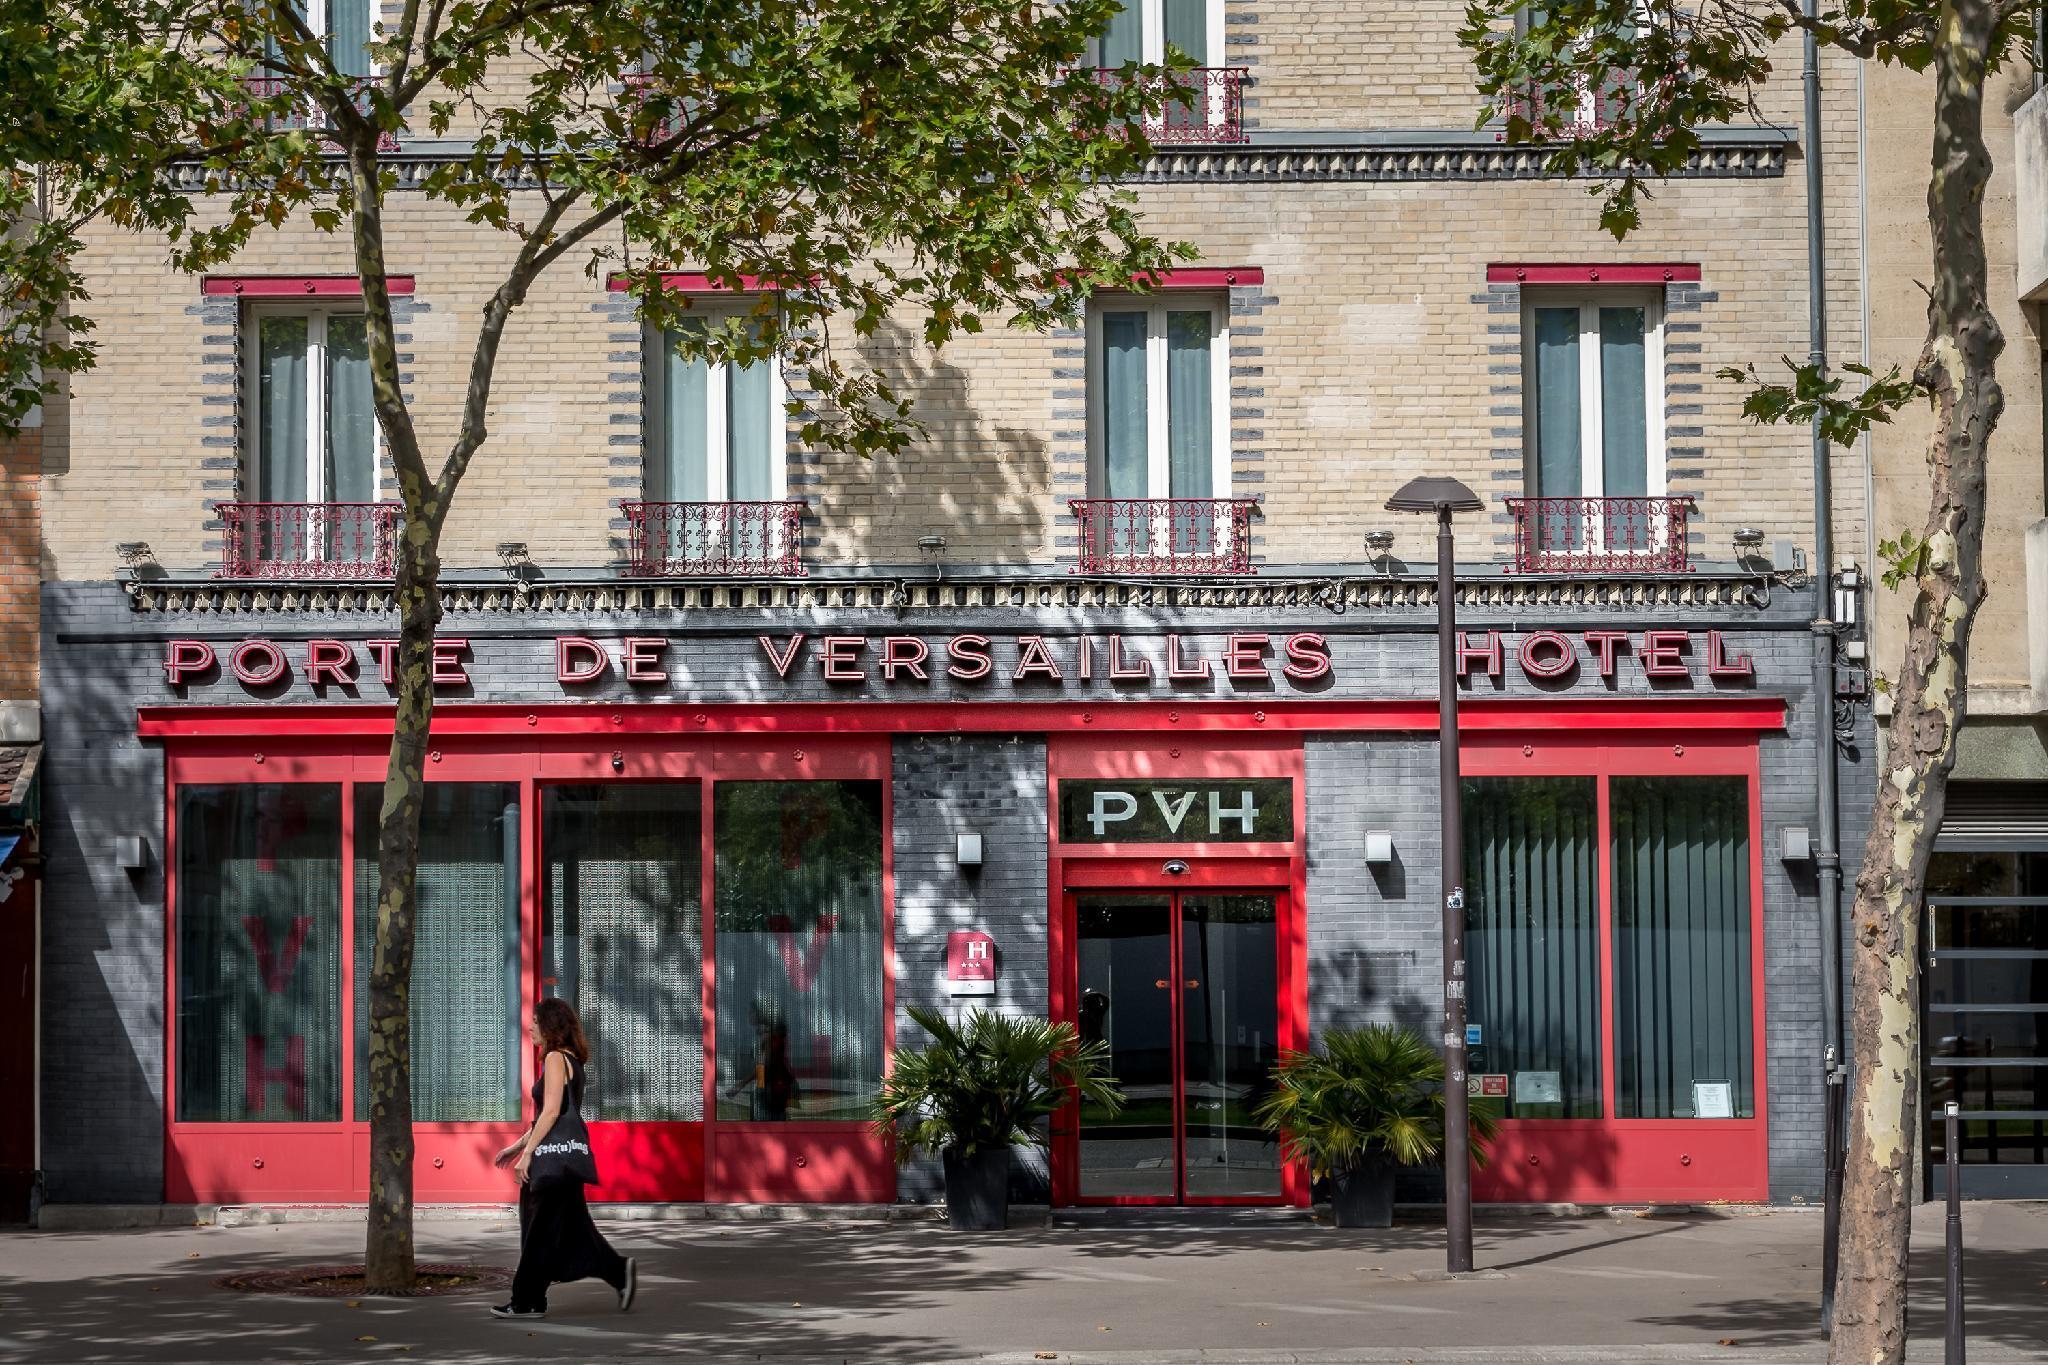 Porte de Versailles Hotel